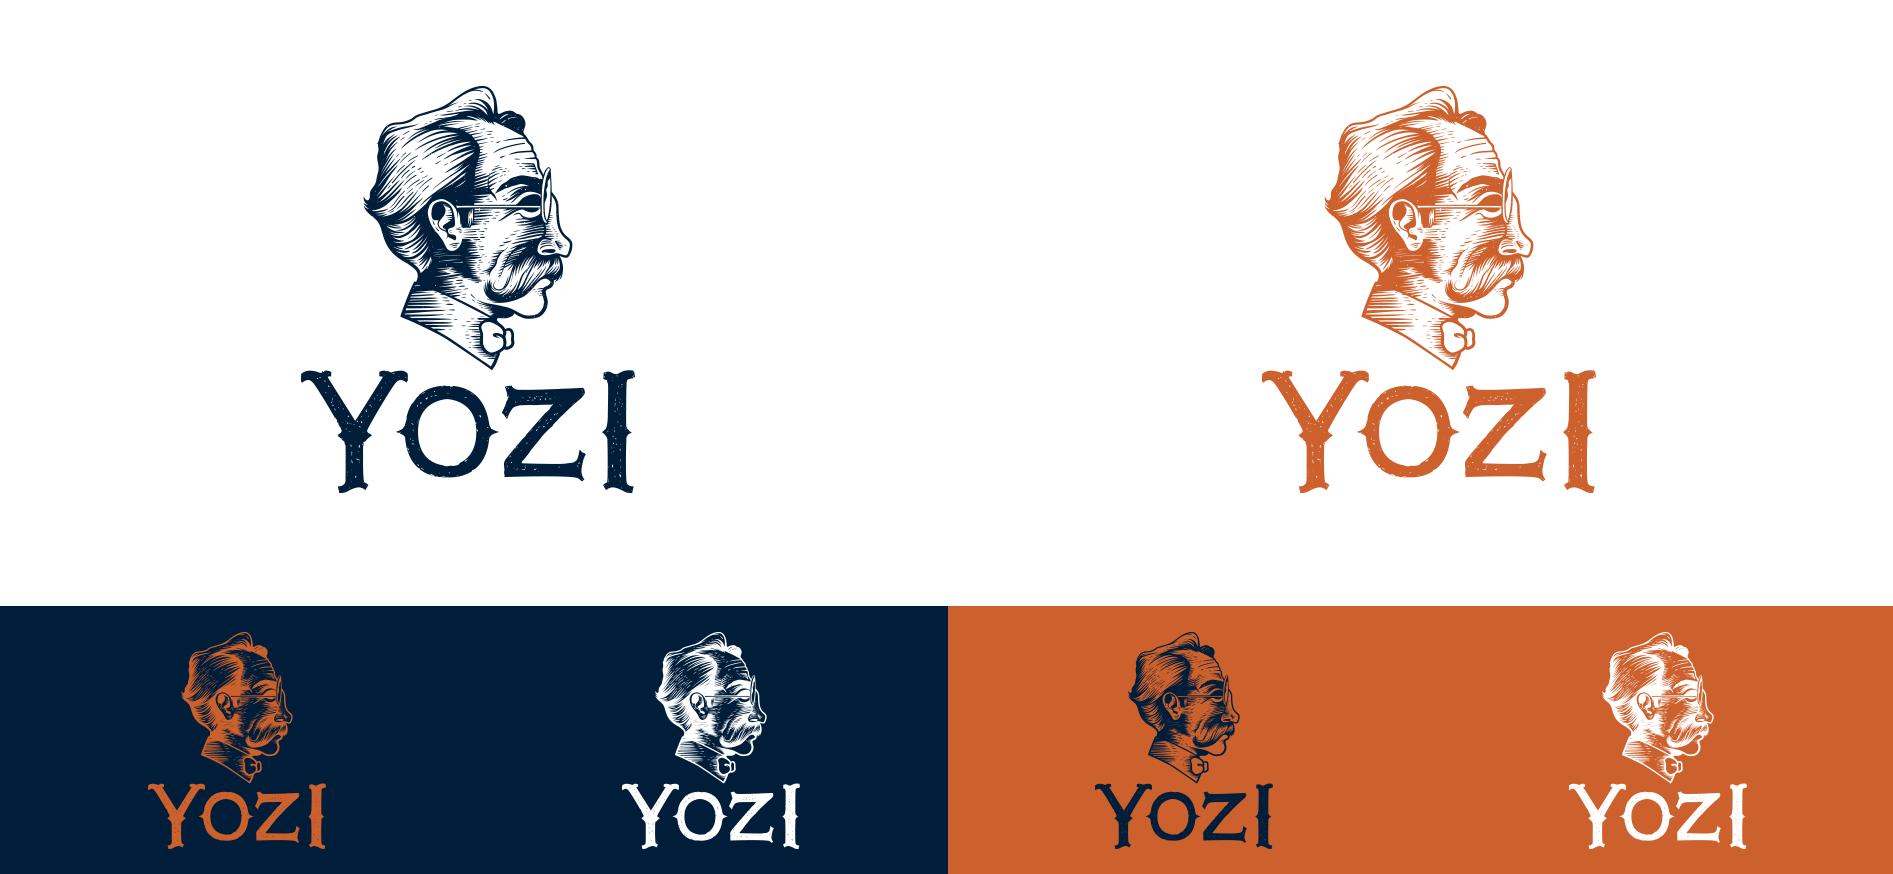 1920x960-yozi-logo